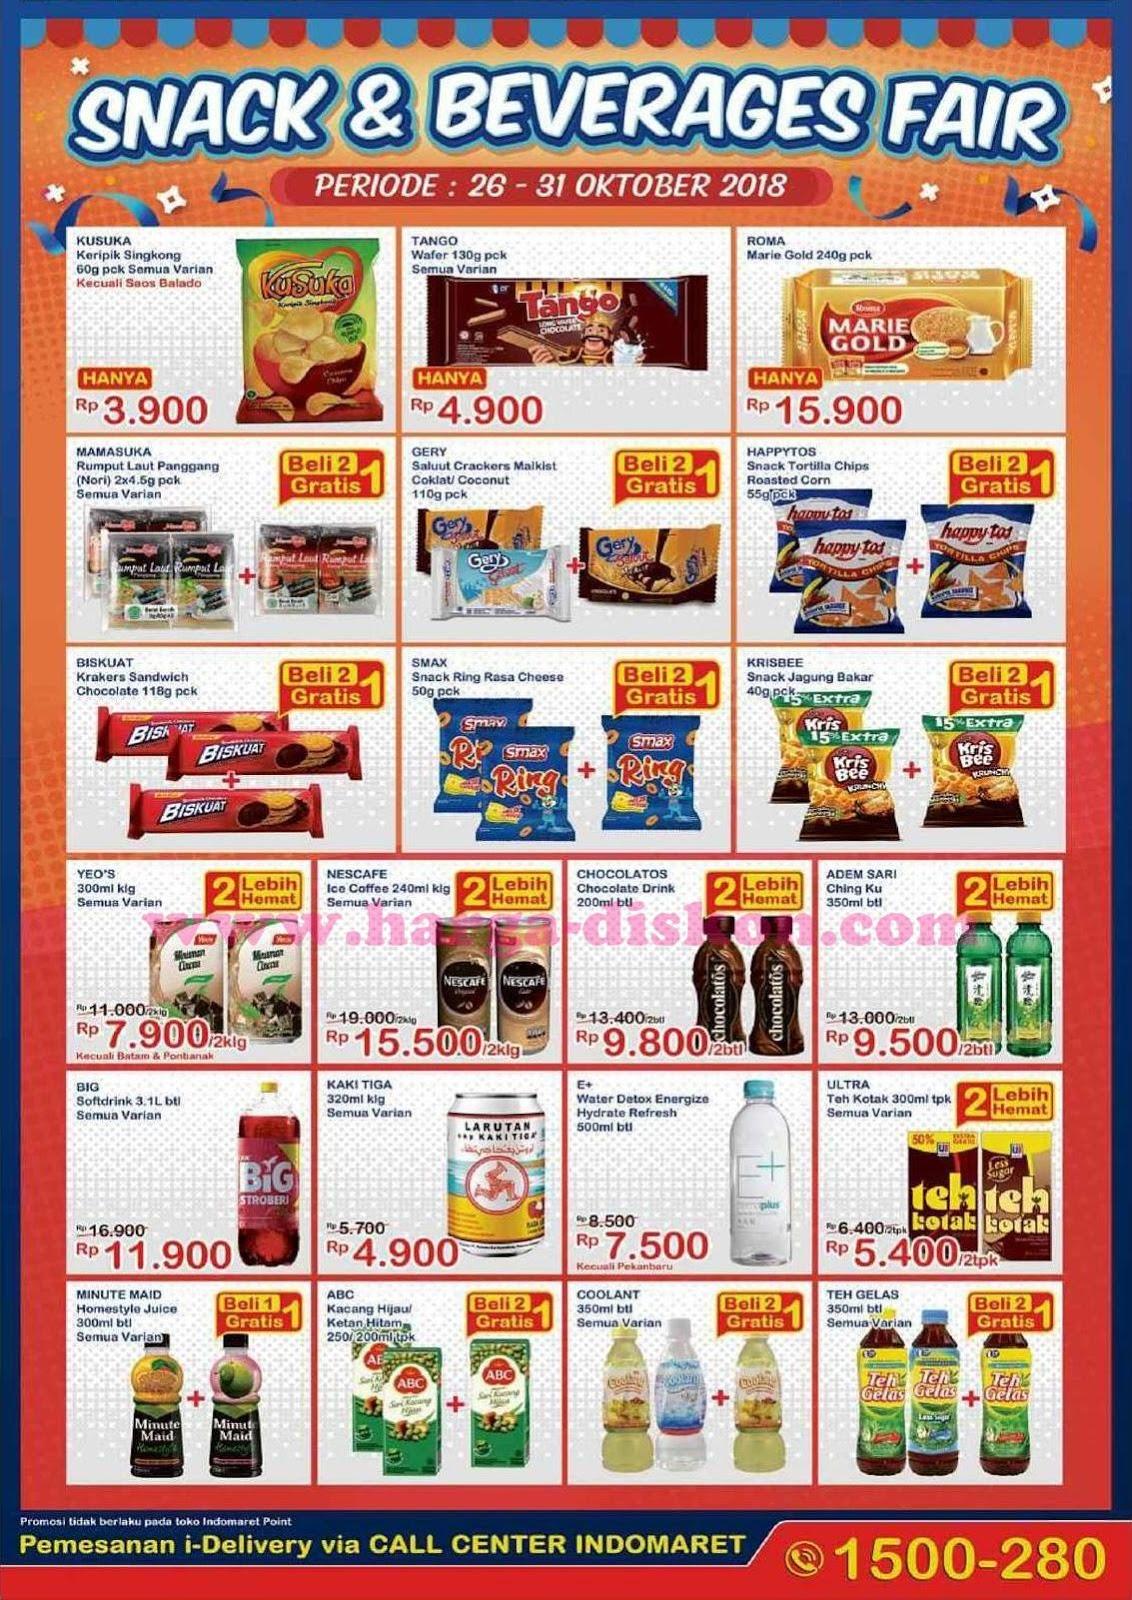 Katalog Promo Indomaret Snack Beverages Fair Periode 26 31